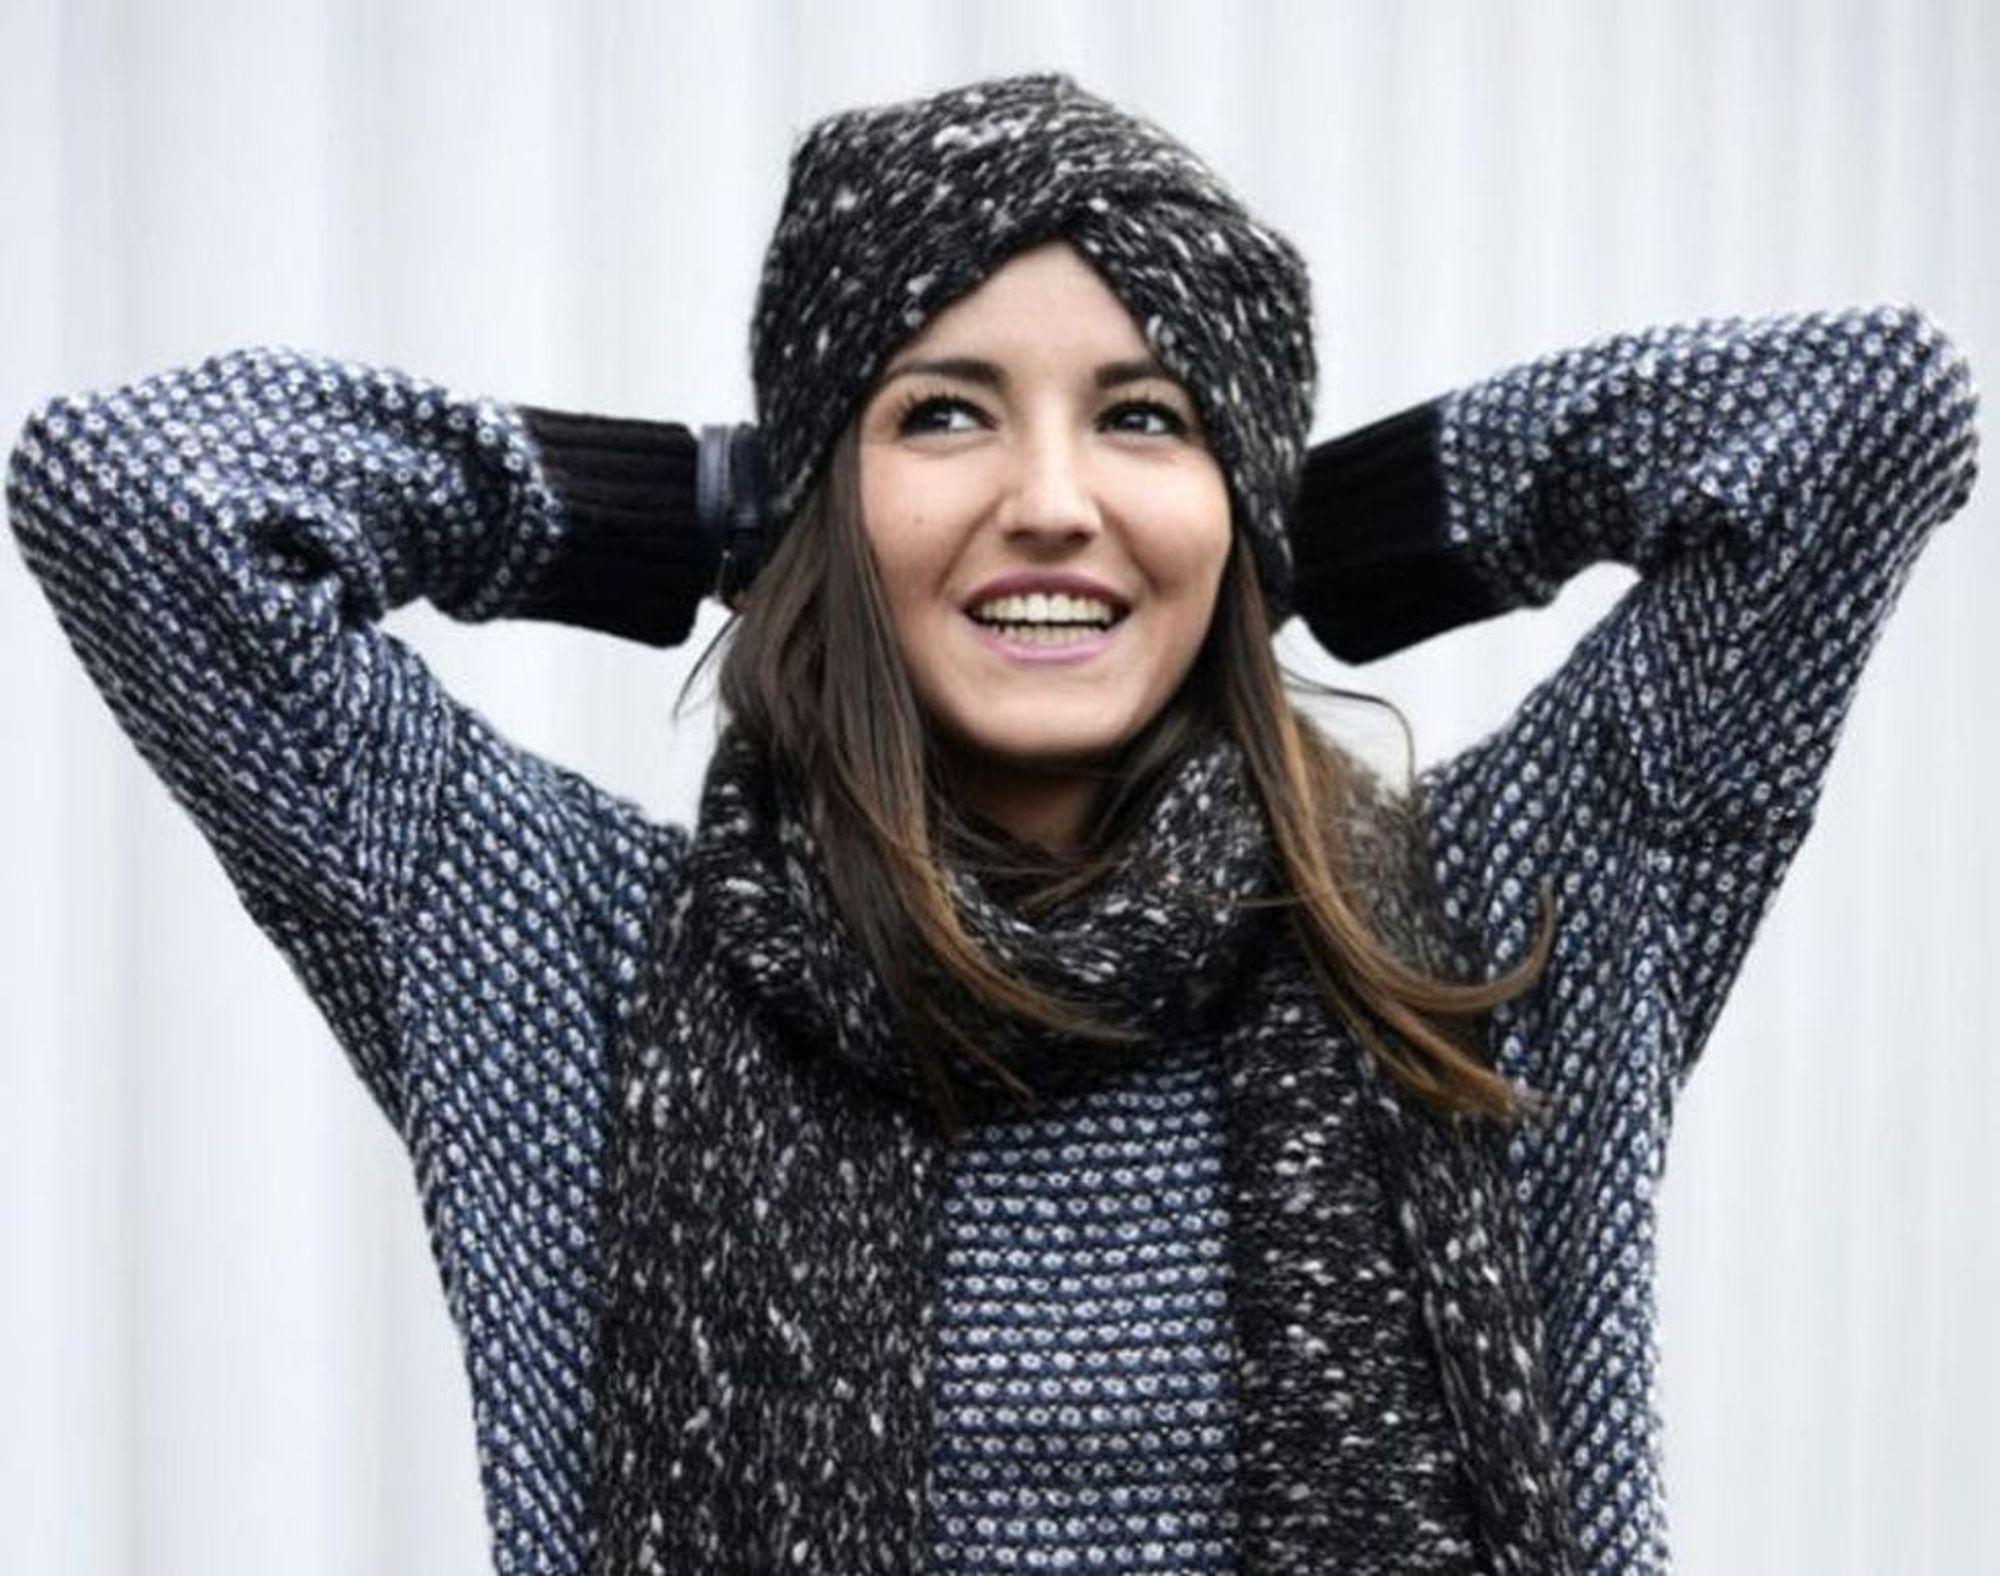 It's a (Head)Wrap! 23 Ways to Rock a Turban